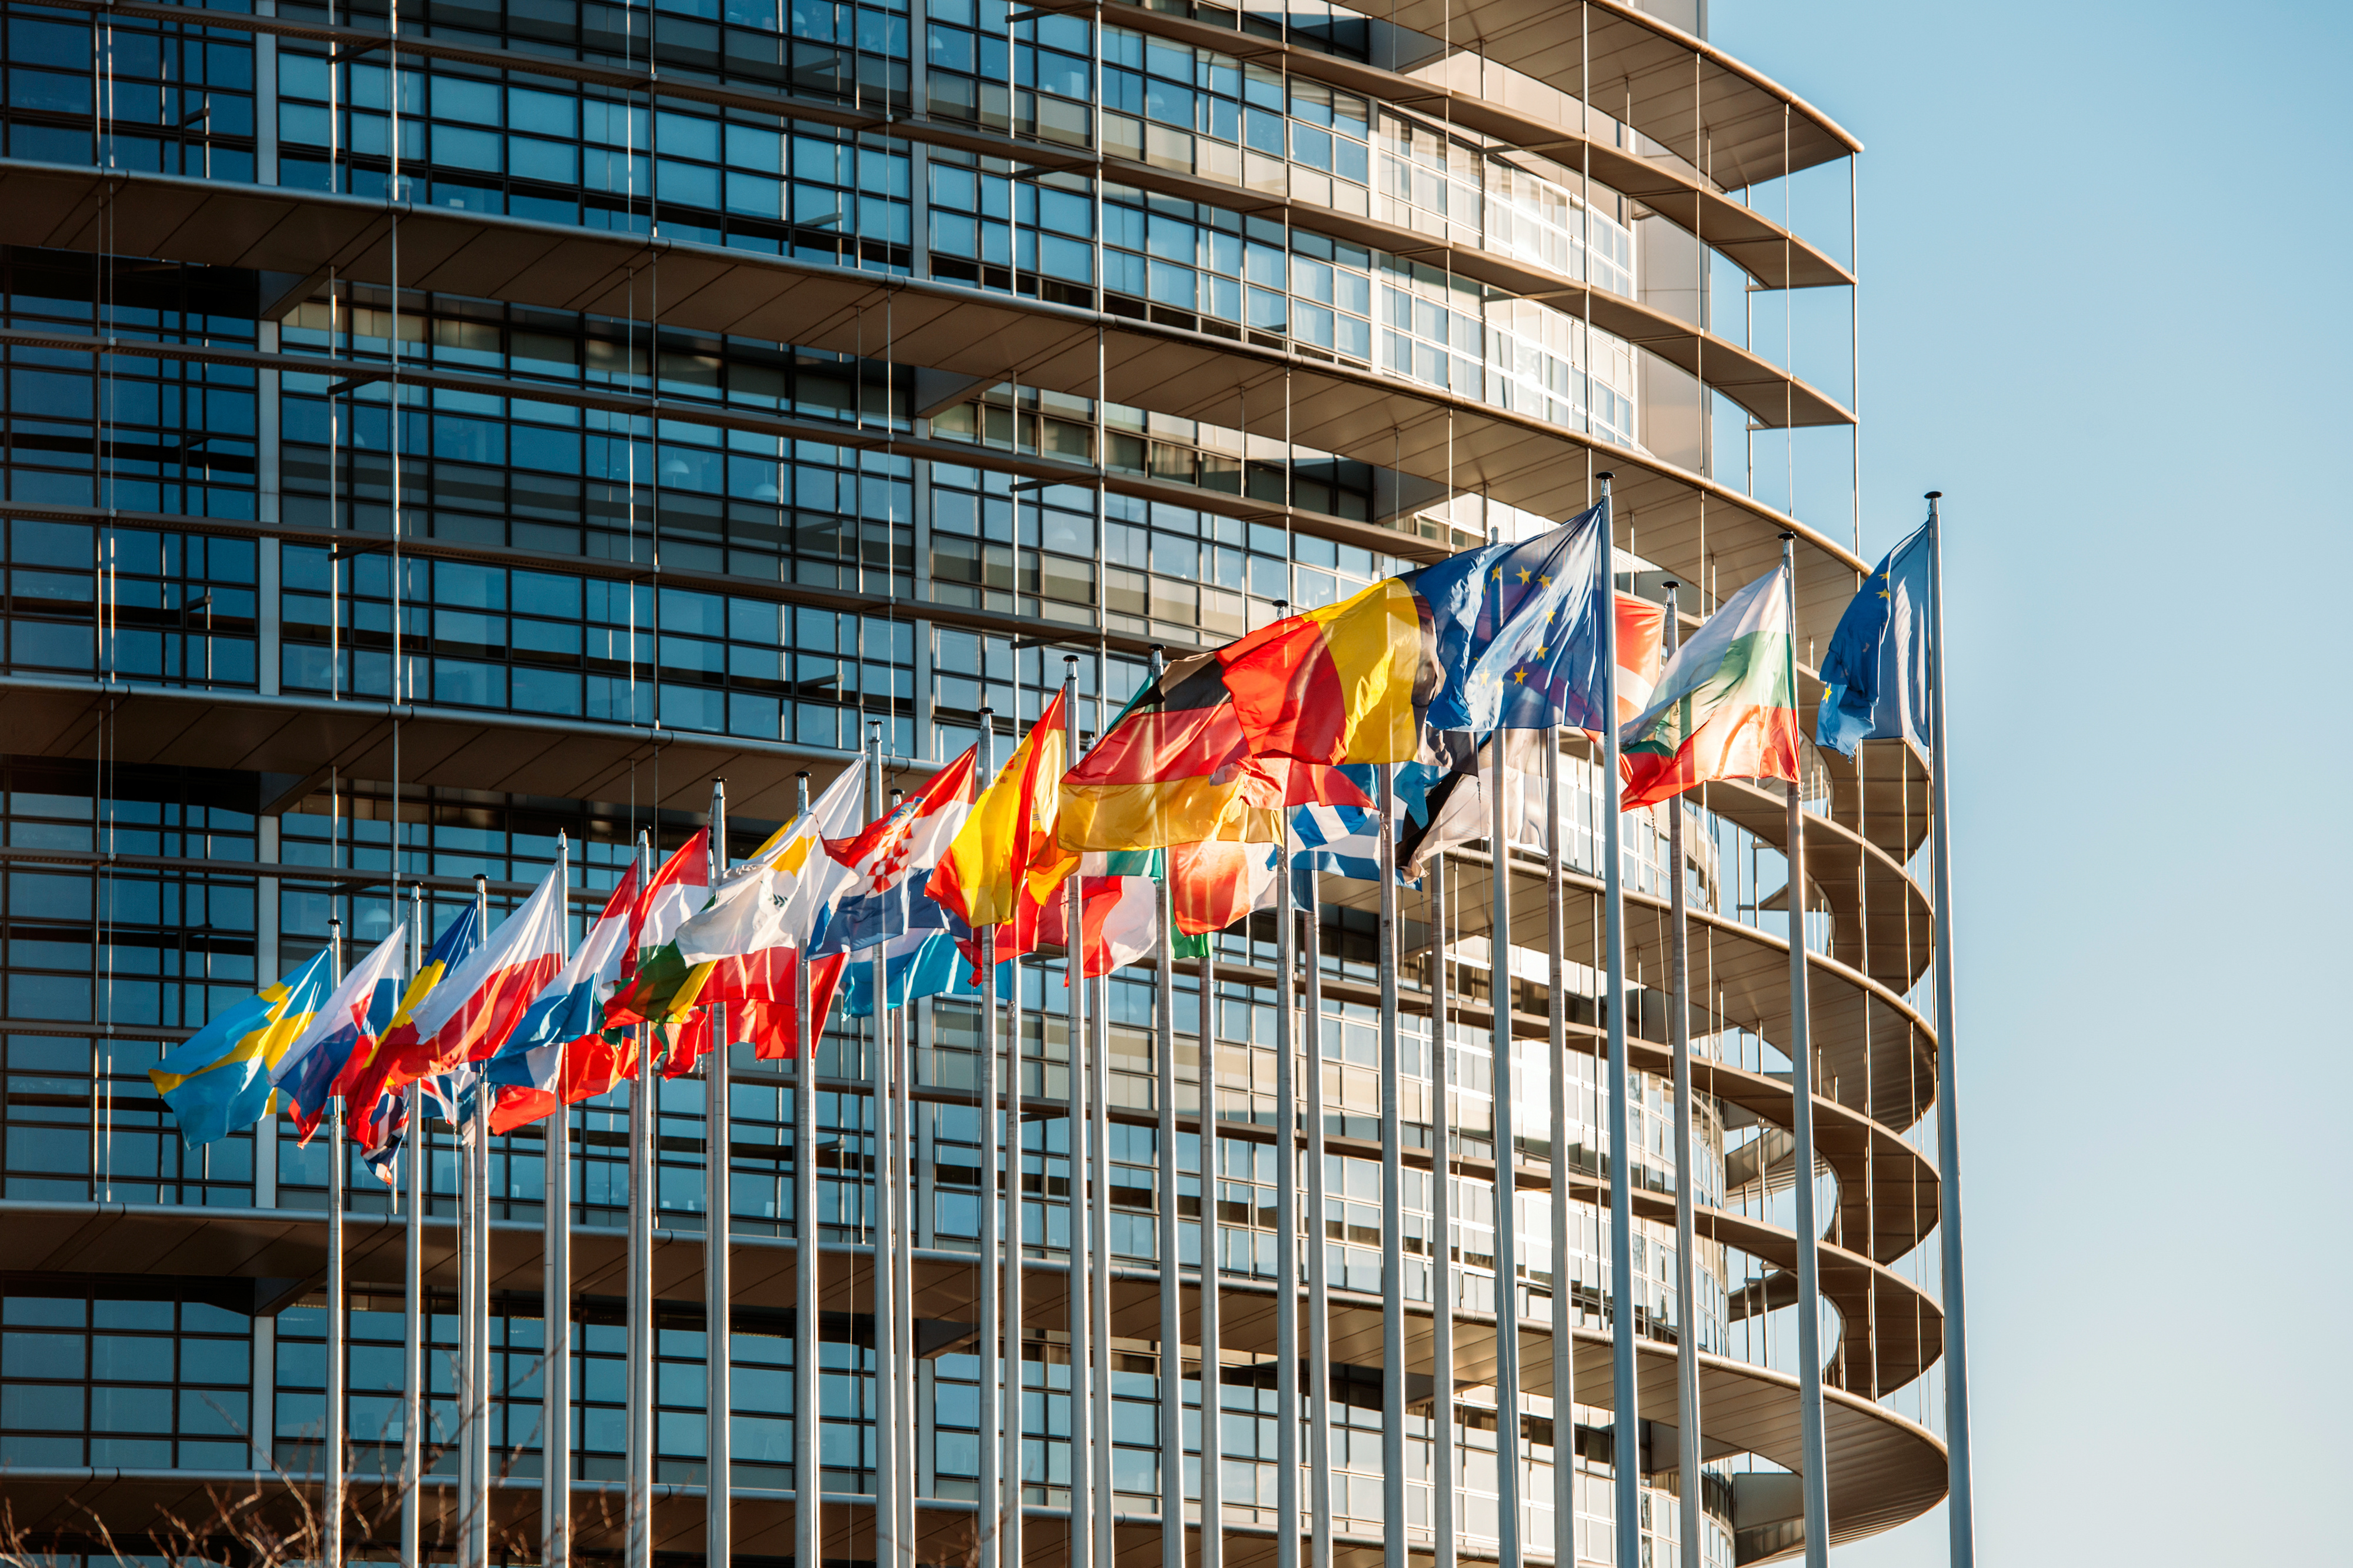 Newsletterul ETAF din 19 noiembrie – Proiectul de raport al Comisiei TAX3, anunțul Angelei Merkel cu privire la impozitarea economiei digitale și decizia Tribunalului UE cu privire la regimul fiscal din Spania